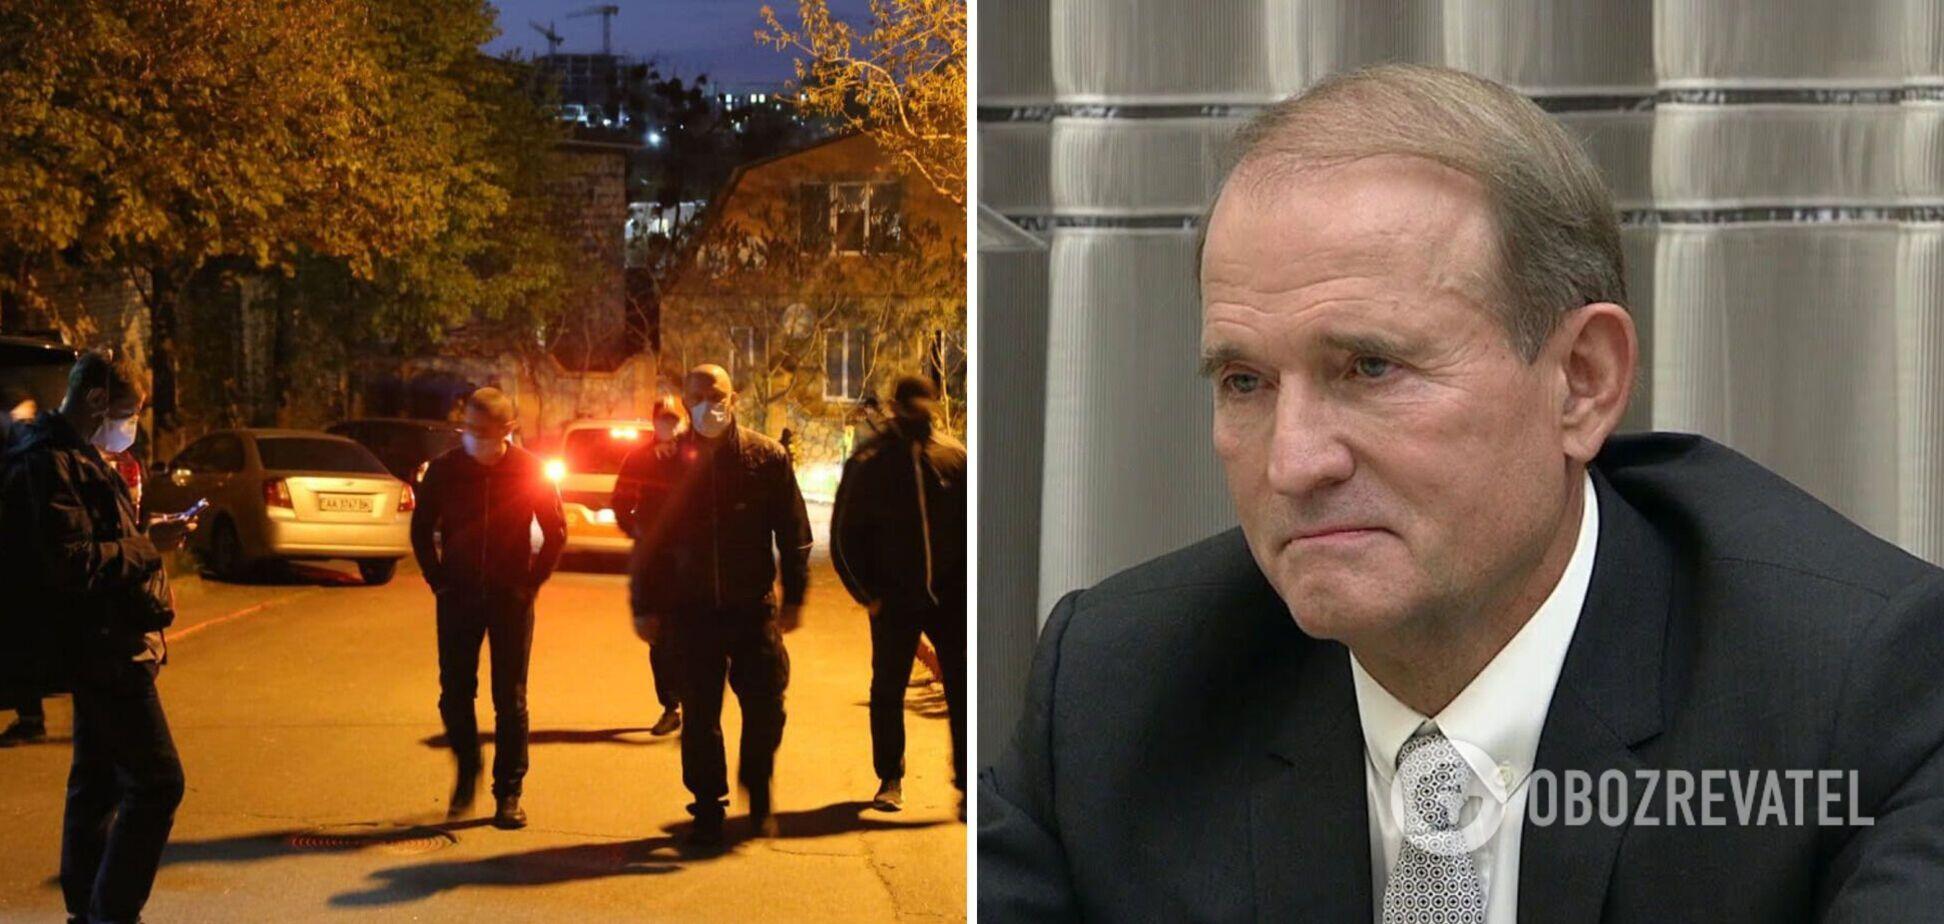 'Люди в чорному' завадили евакуатору забрати авто Медведчука. Відео